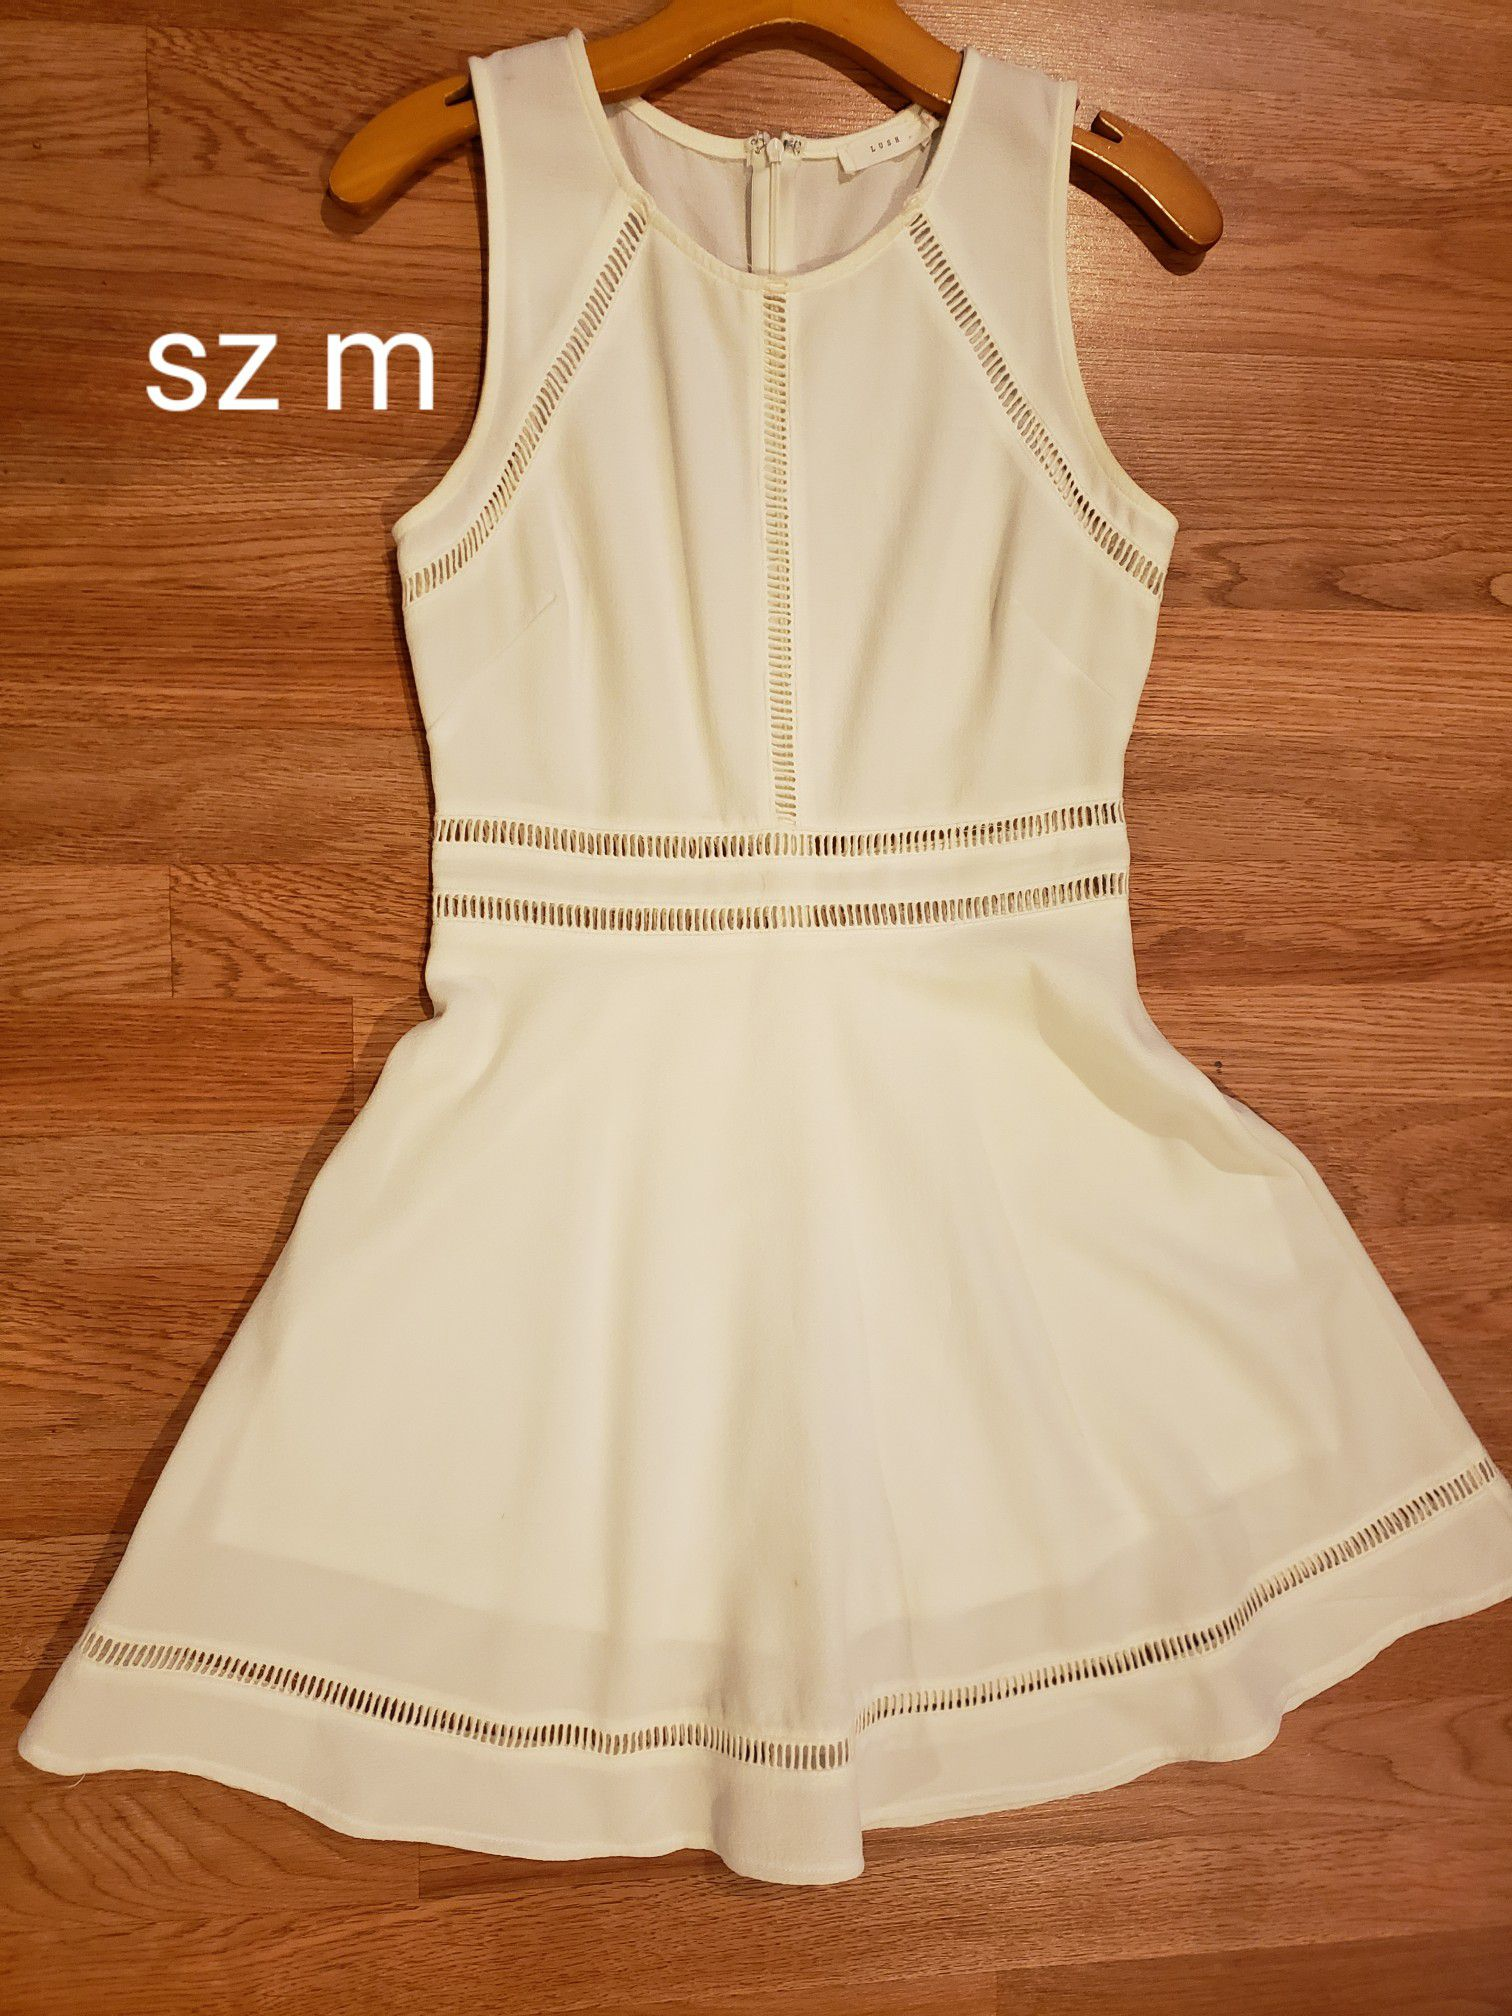 Dresses sz m